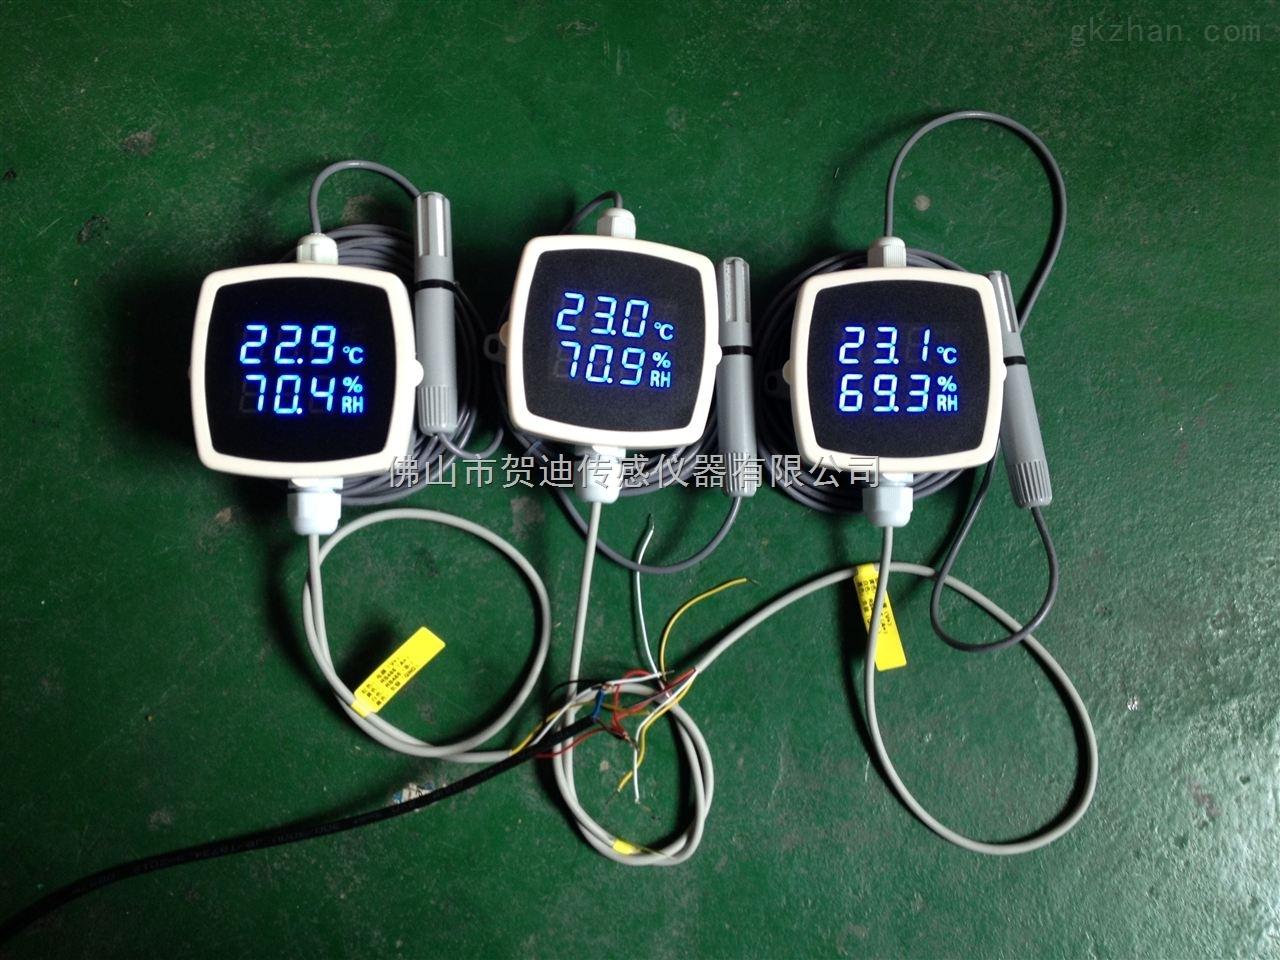 plc通信数字温湿度传感器 modbus标准协议